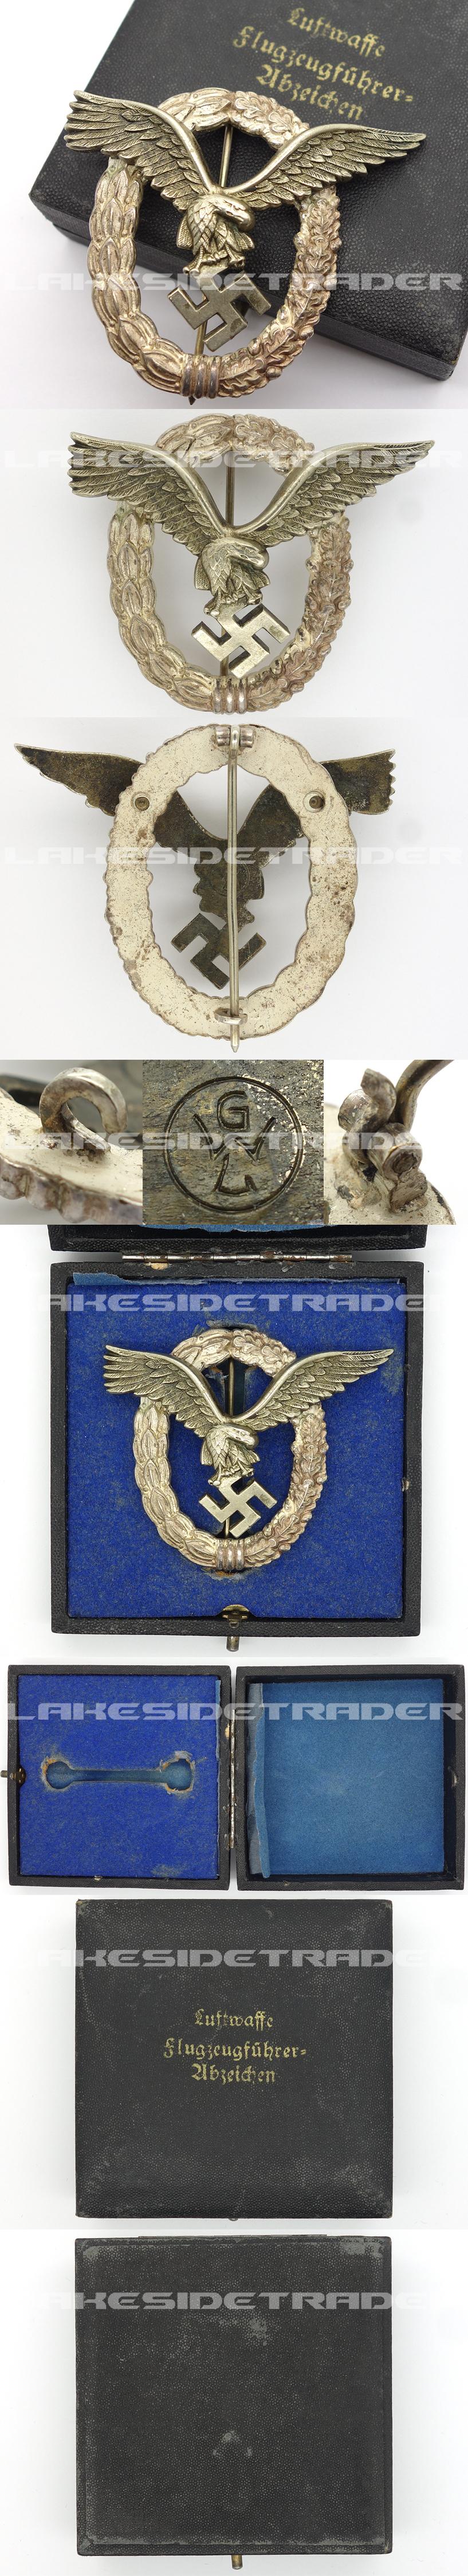 Cased Luftwaffe Pilot Badge by GWL